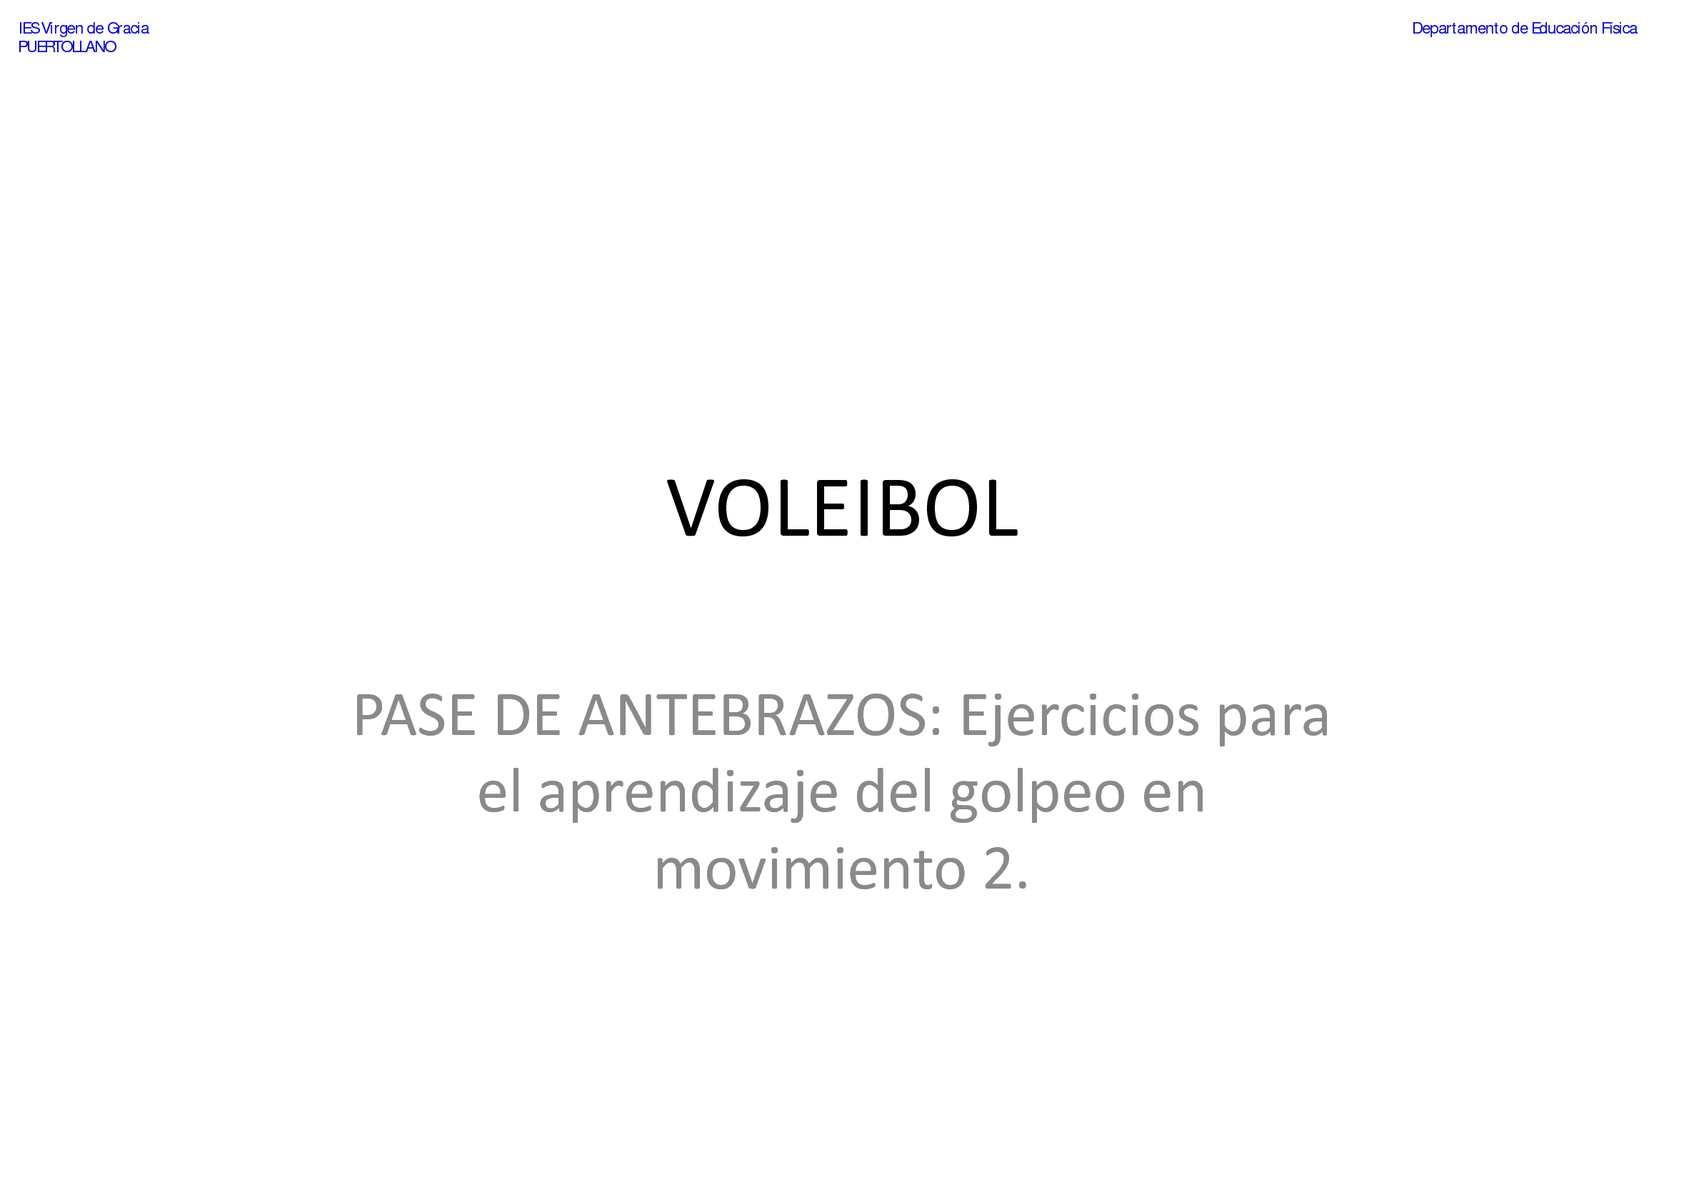 VOLEIBOL - Pase de Antebrazos - Ejercicios para el aprendizaje del golpeo en movimiento 2